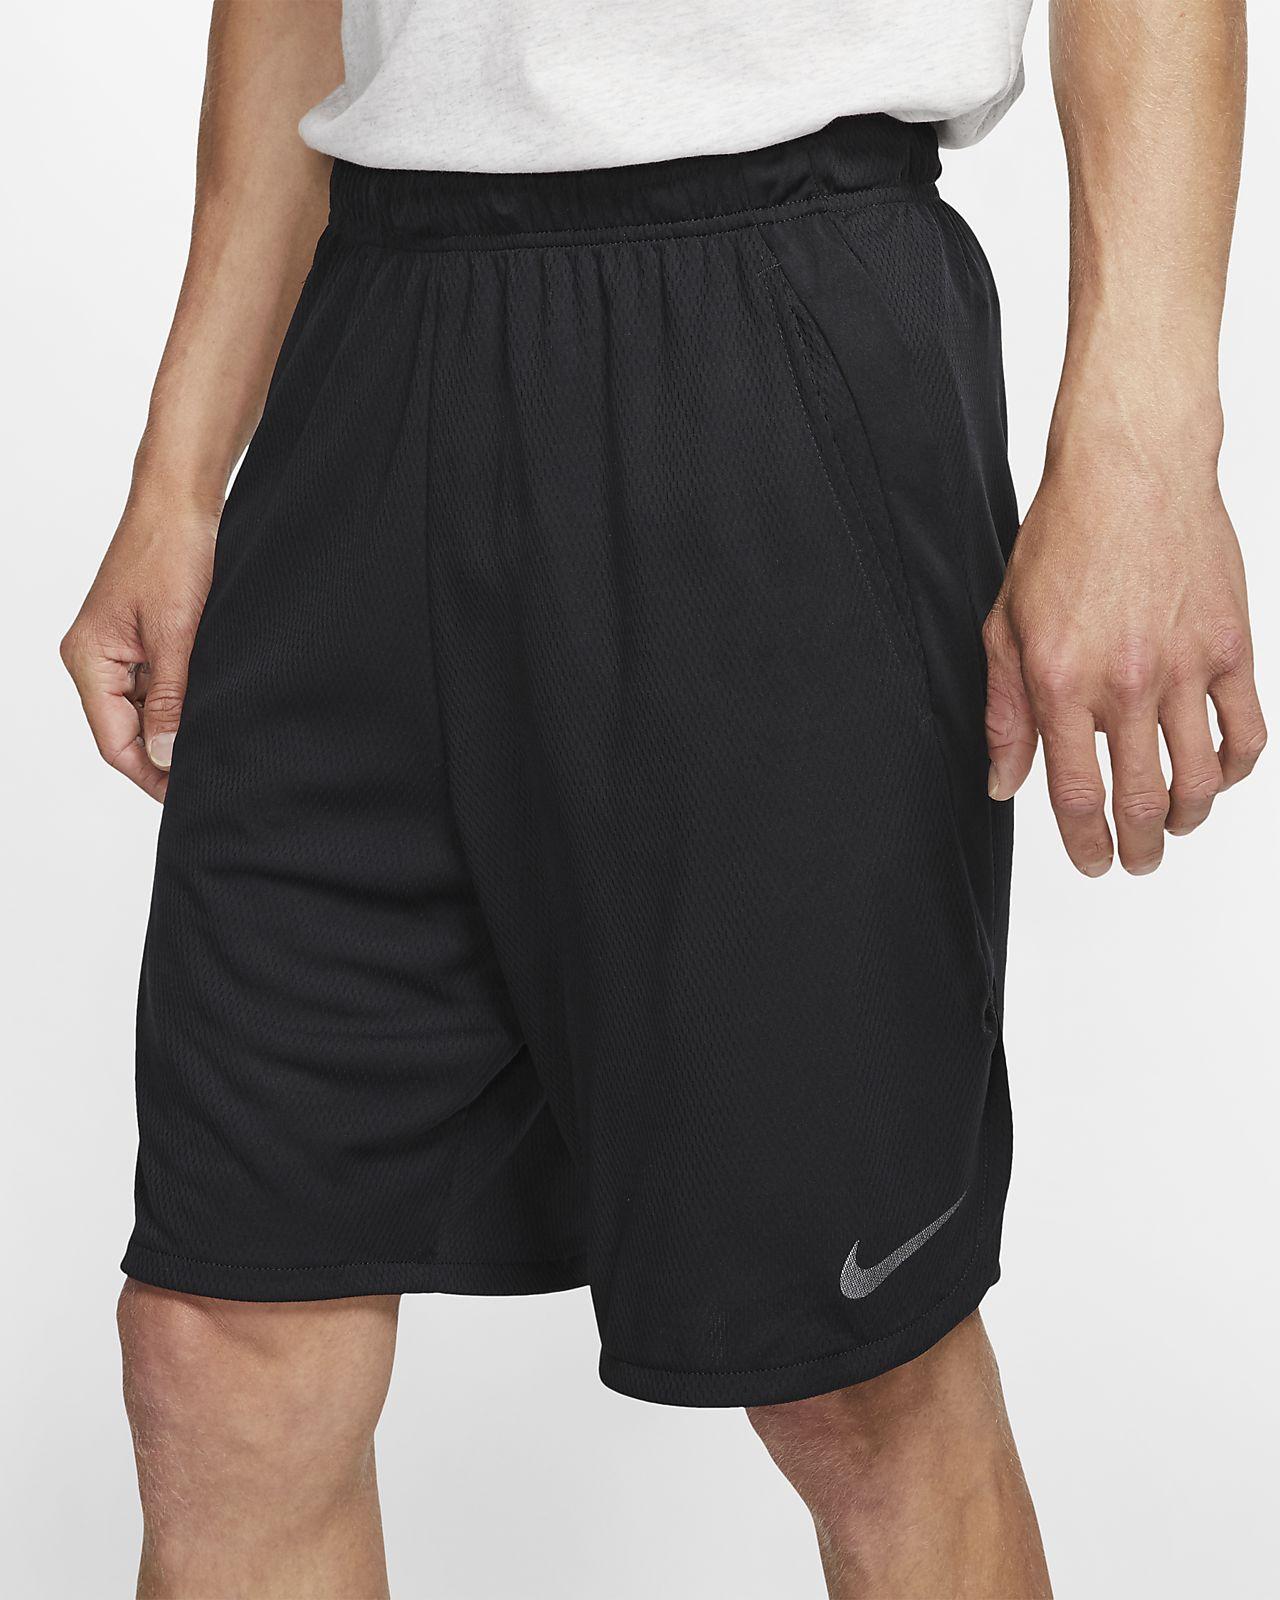 0ceef268 ... Мужские шорты из тканого материала для тренинга Nike Dri-FIT 23 см